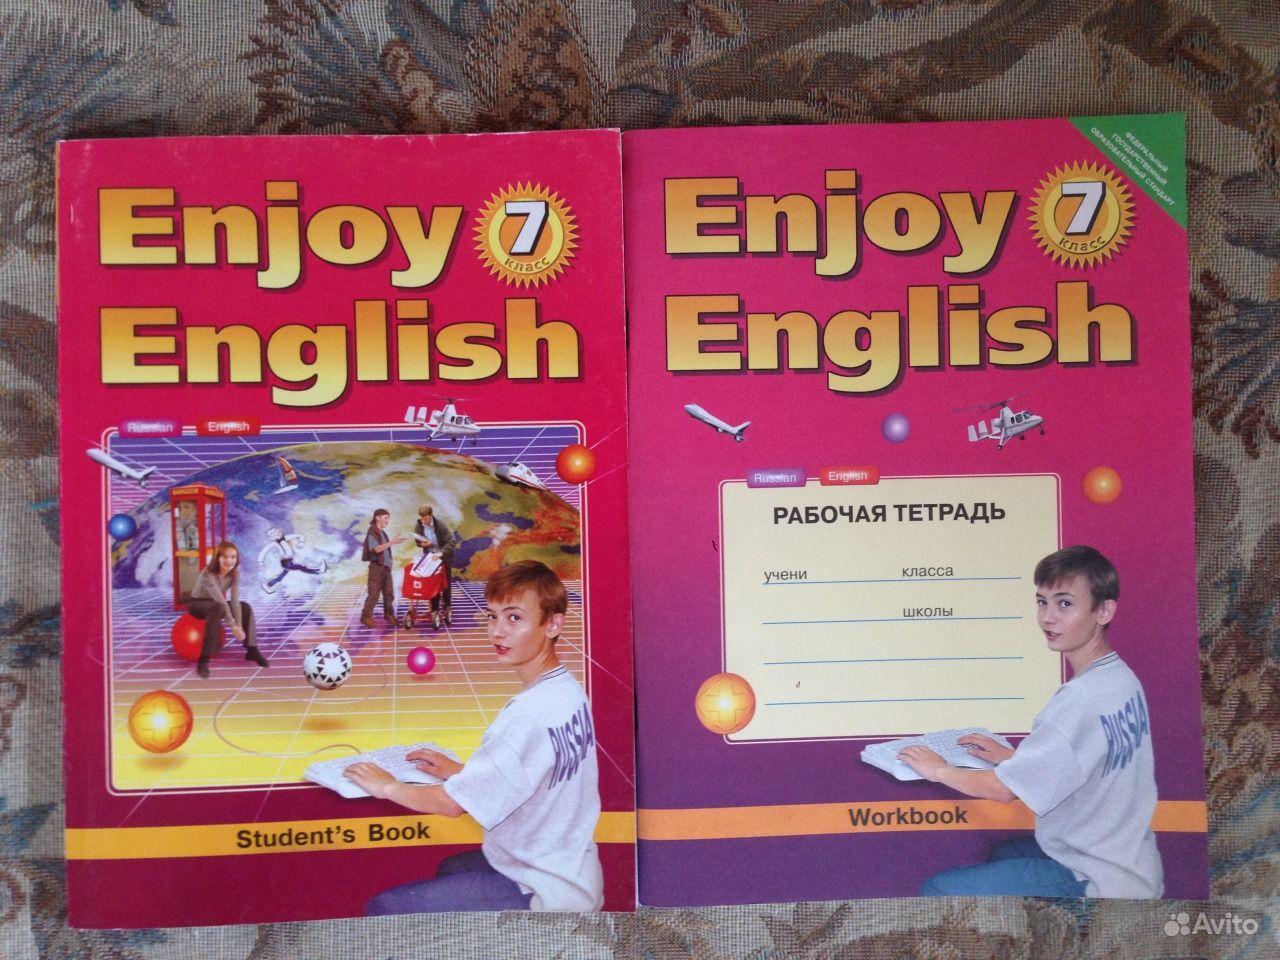 Гдз по английскому языку энджой инглиш 7 класс тетрадь